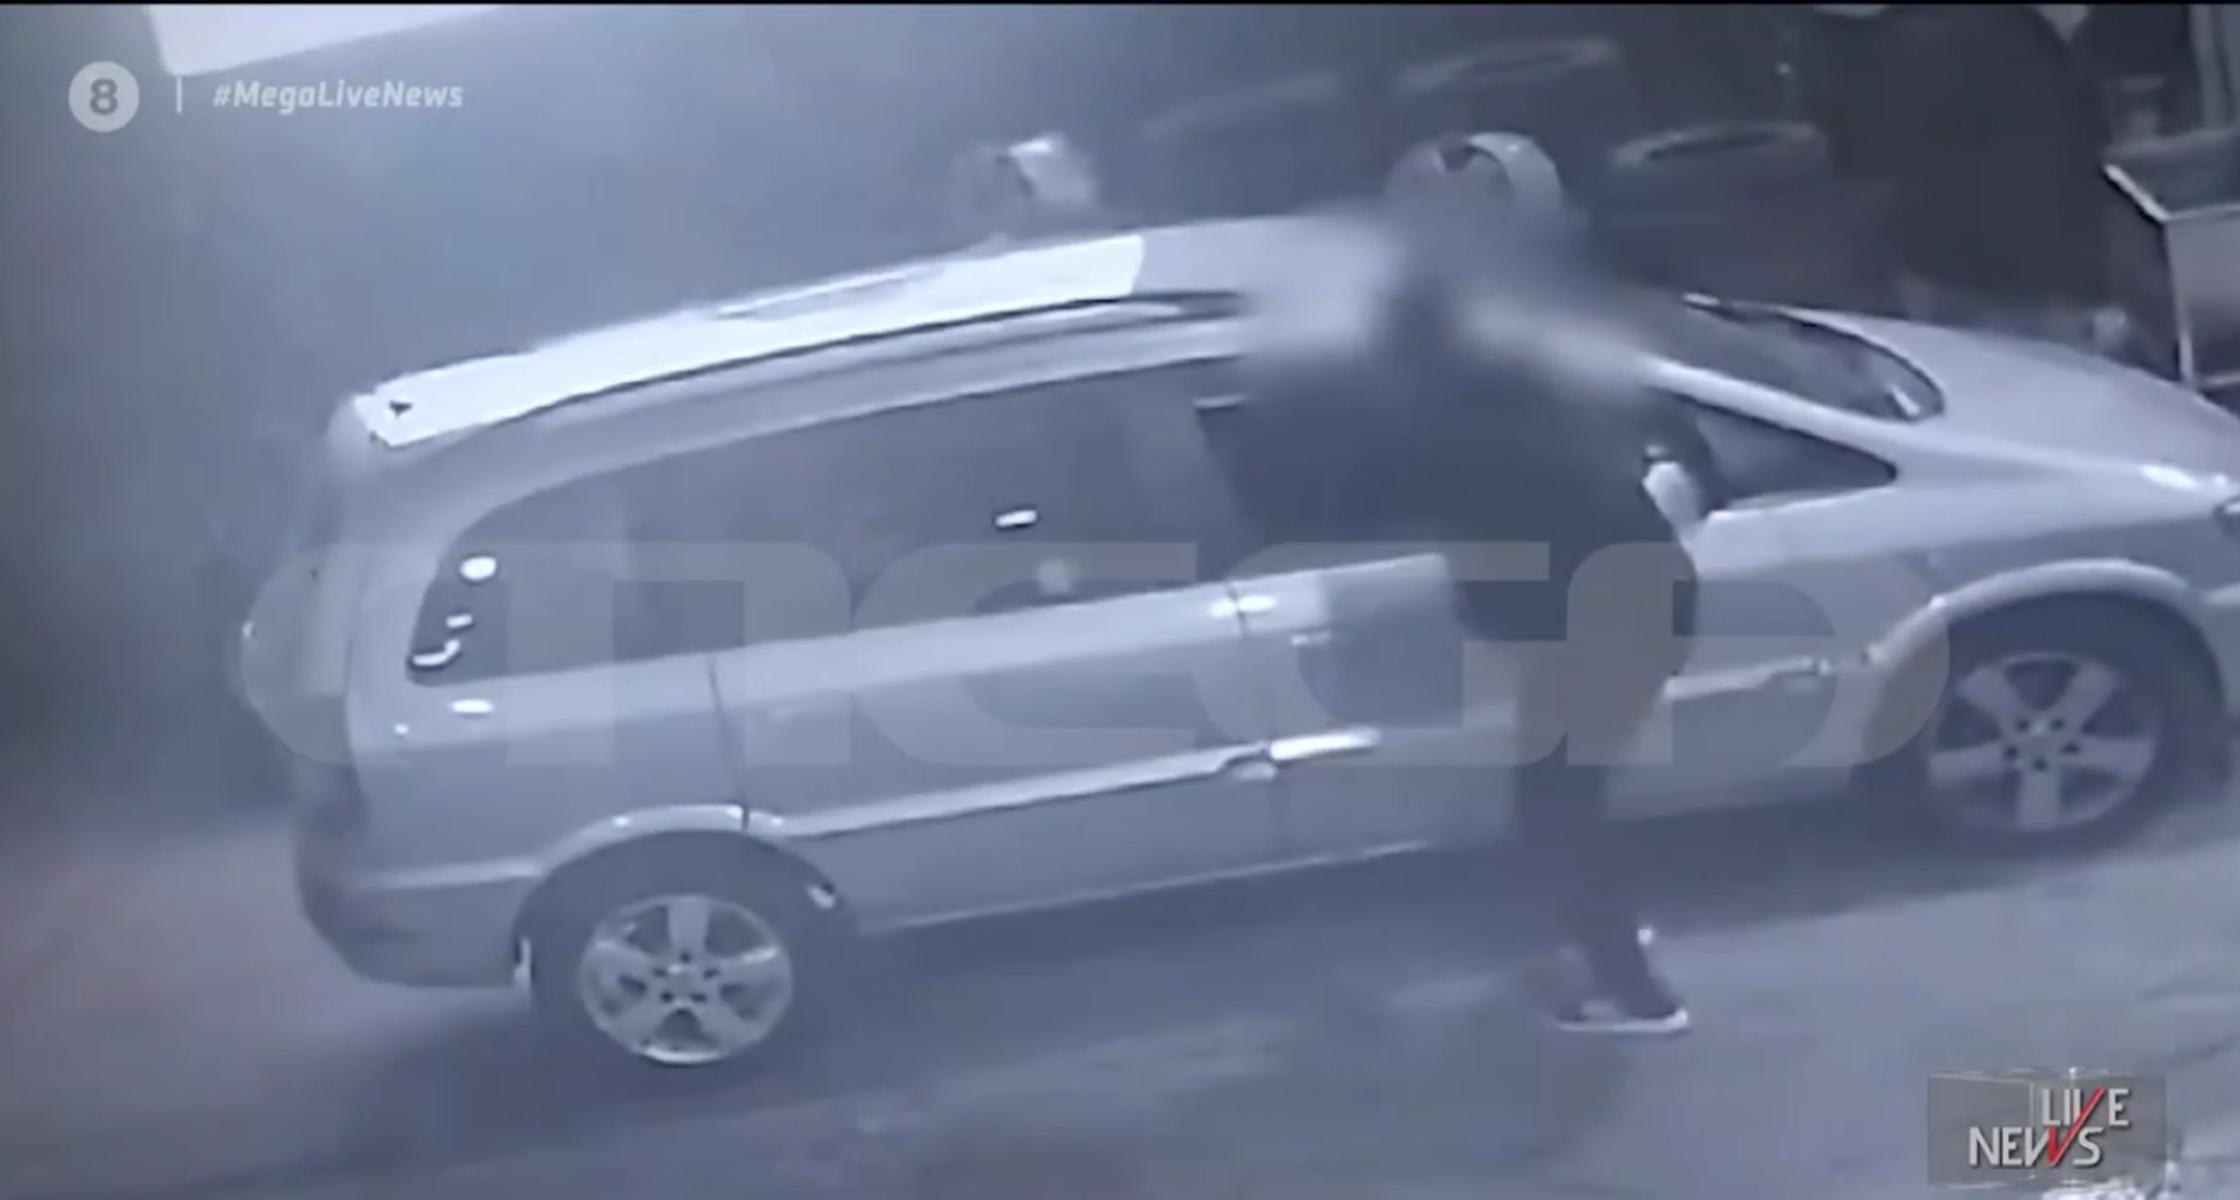 Βίντεο ντοκουμέντο: Σκάνε το λάστιχο και κλέβουν τσάντες – Το απίστευτο κόλπο των επιτήδειων